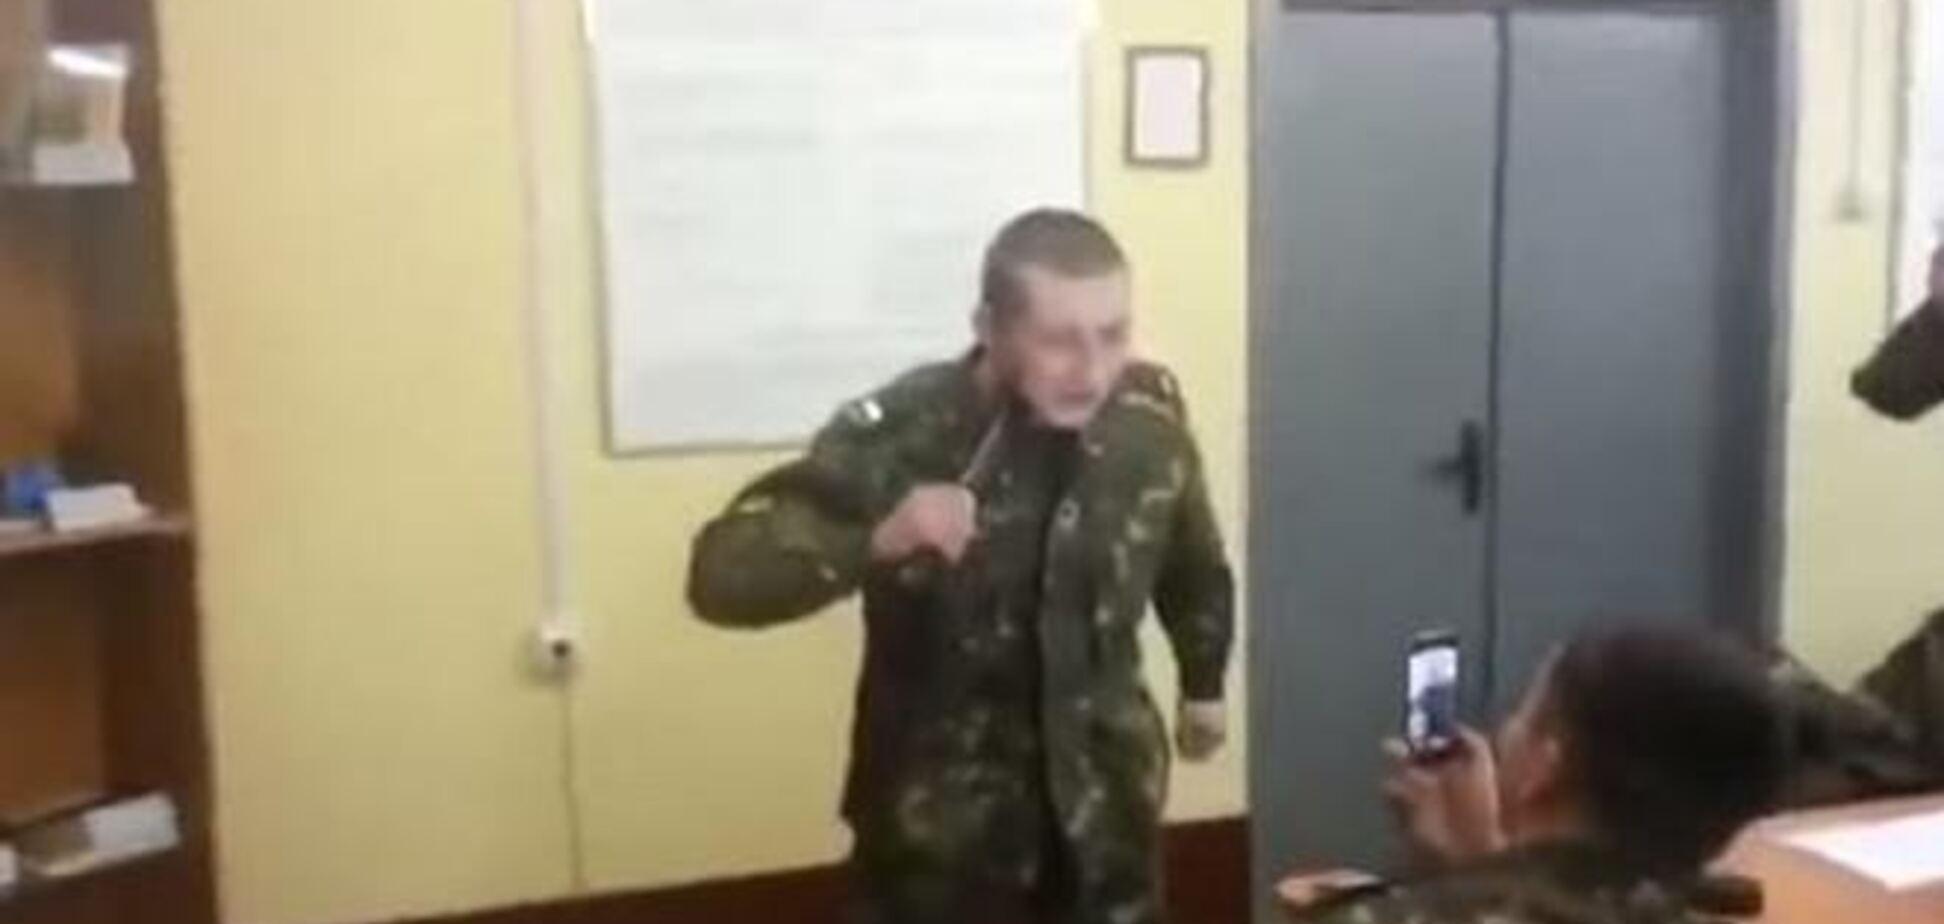 В сети появилось видео, на котором российский военный испытывает на себе электрошокер